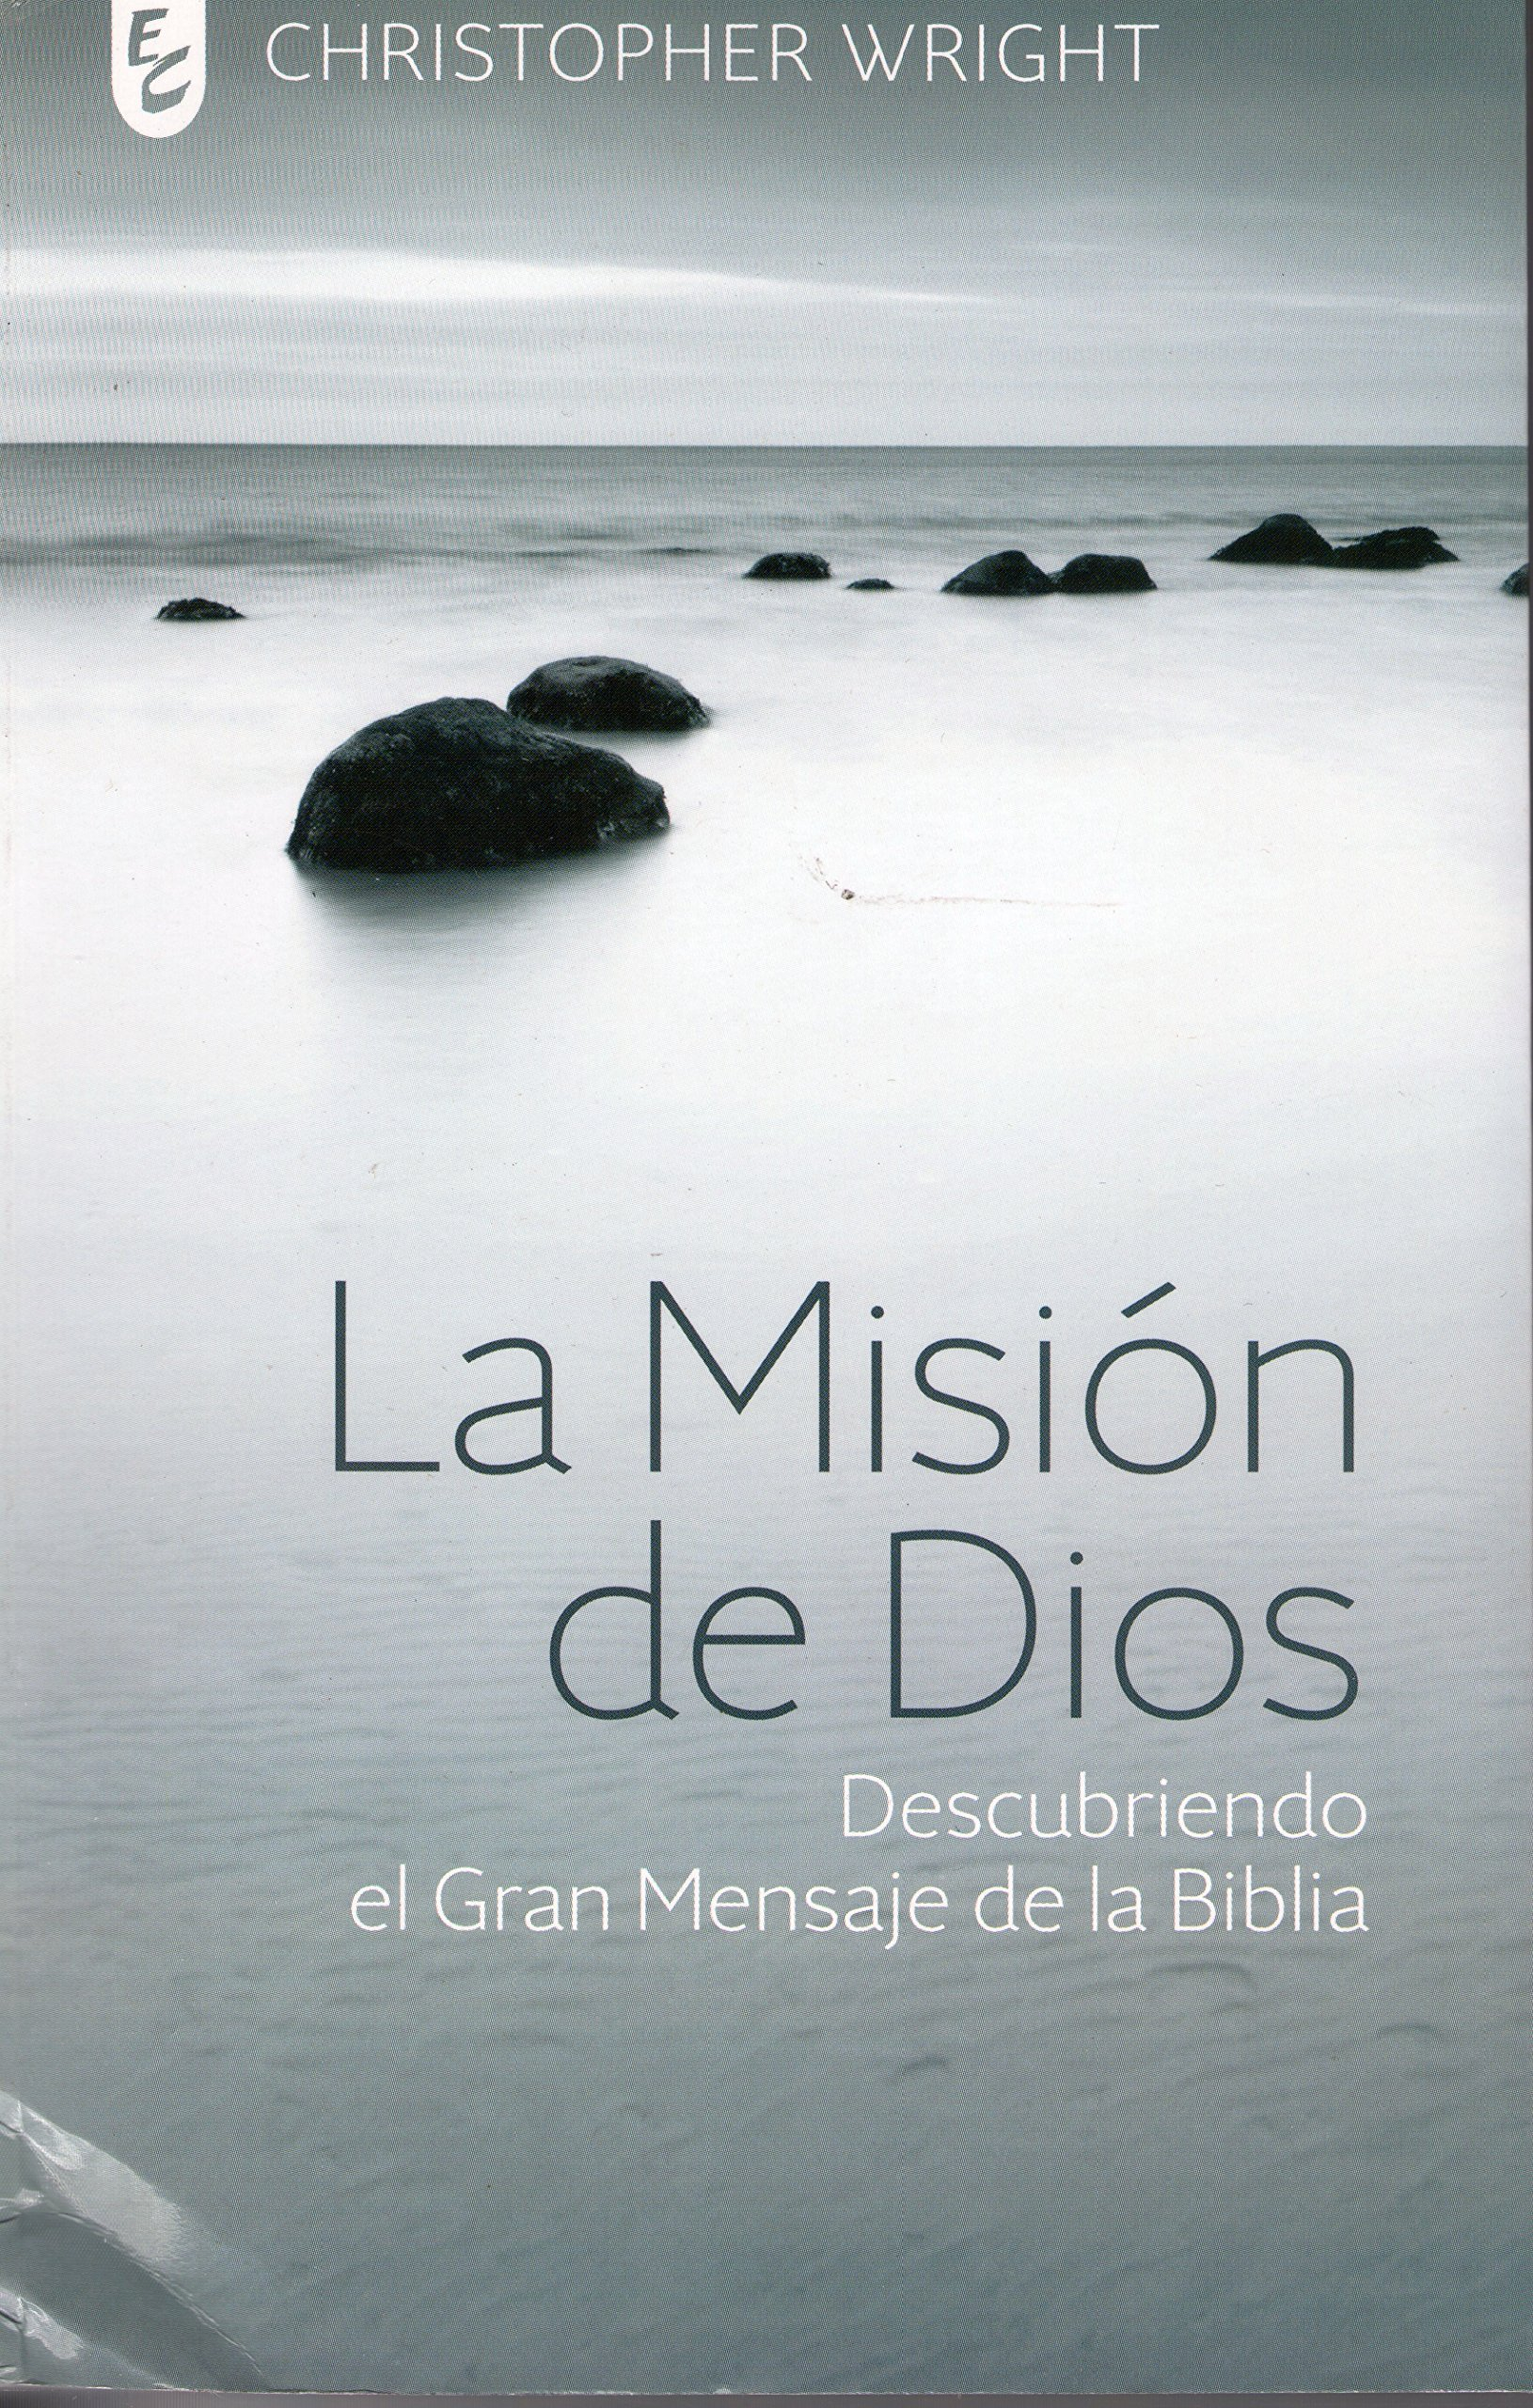 La Misión De Dios Descubriendo El Gran Mensaje De La Biblia